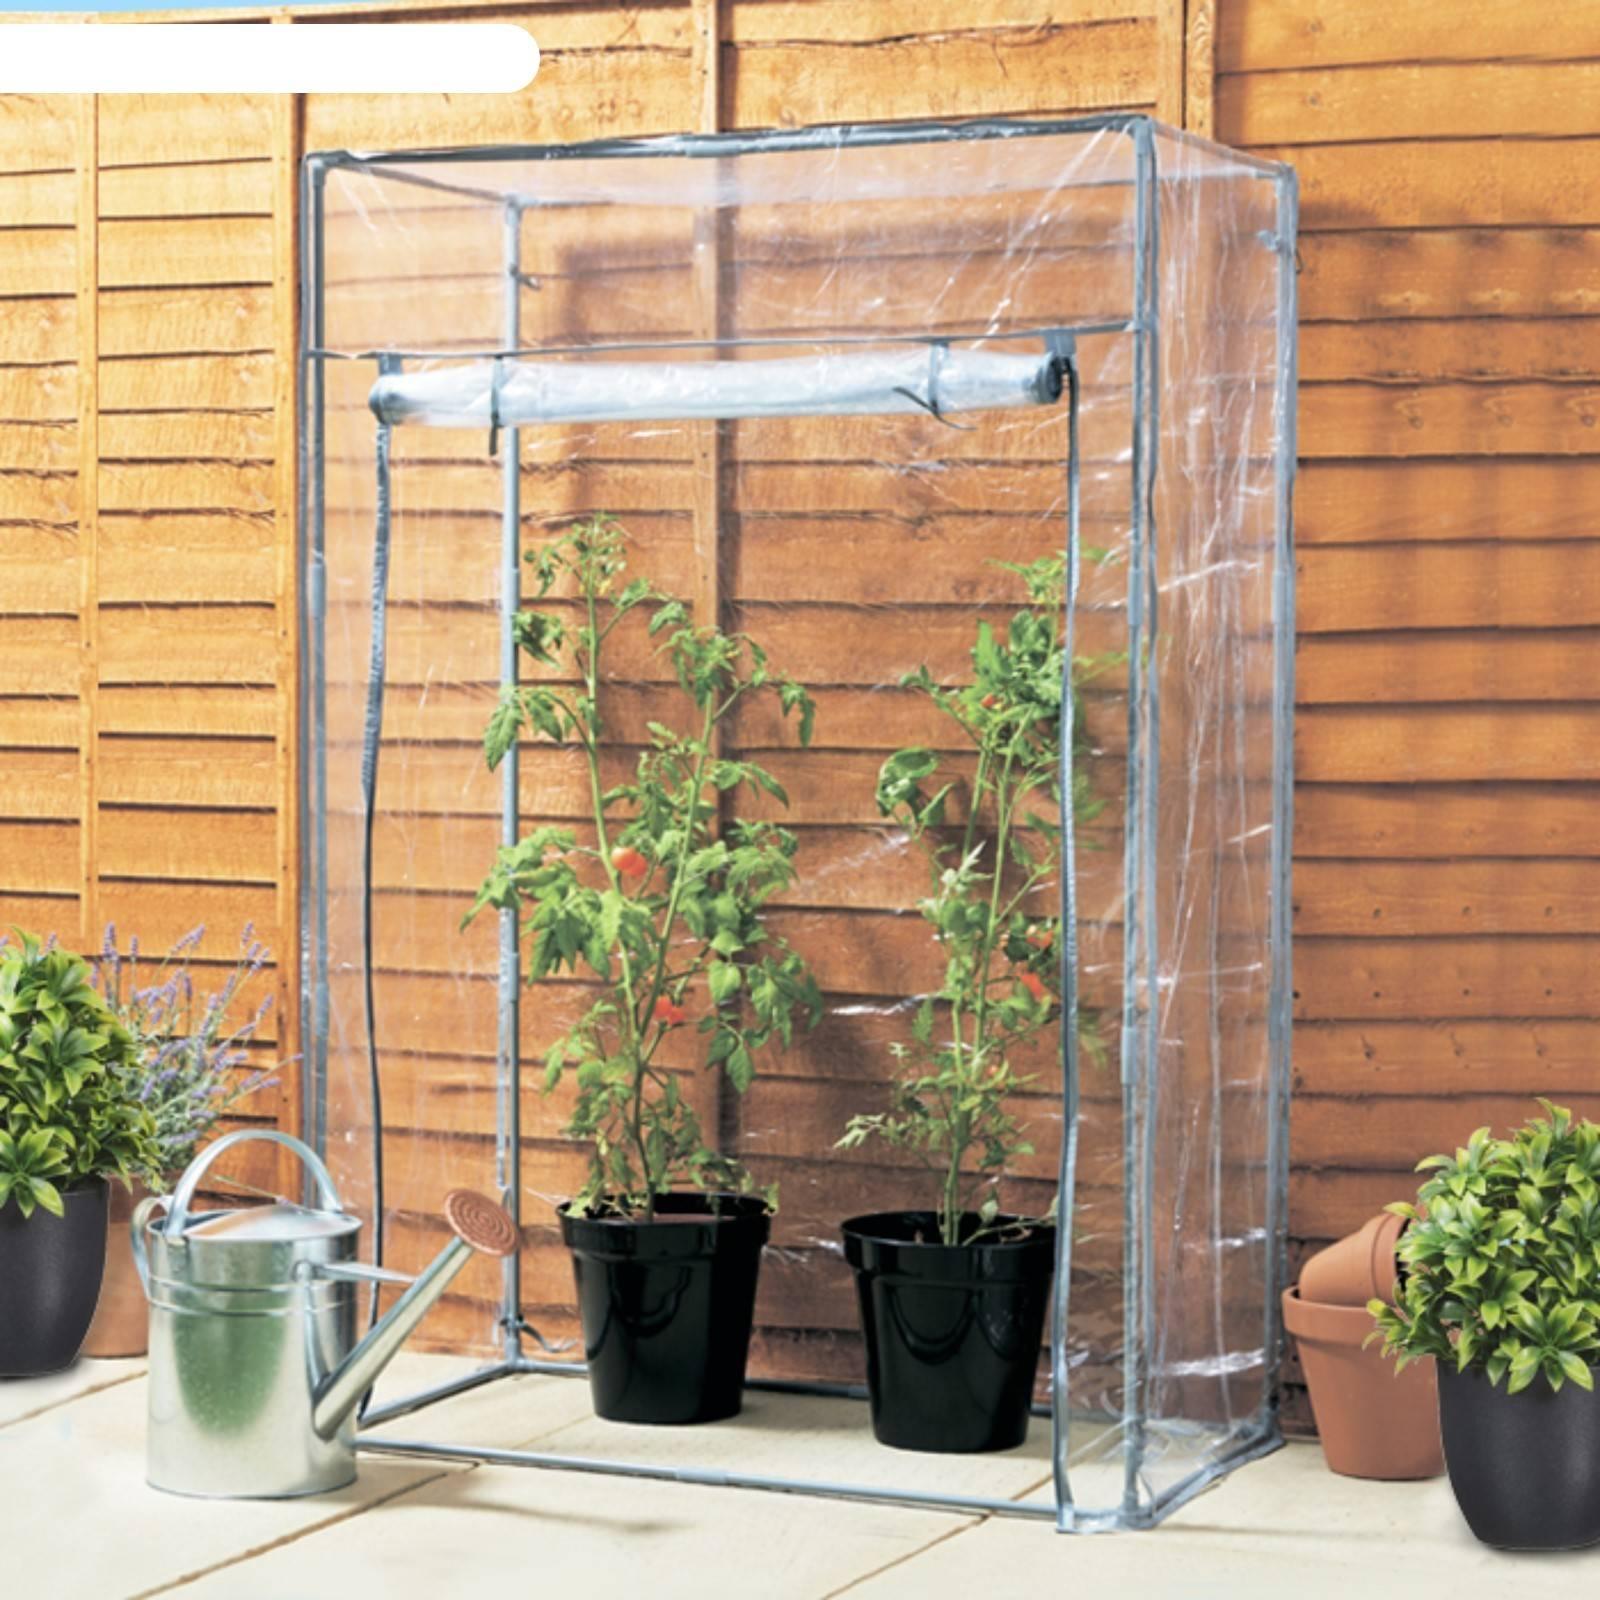 Теплица в жару - комплекс дел для садовода: огурцы, помидоры, перец   сайт о саде, даче и комнатных растениях.